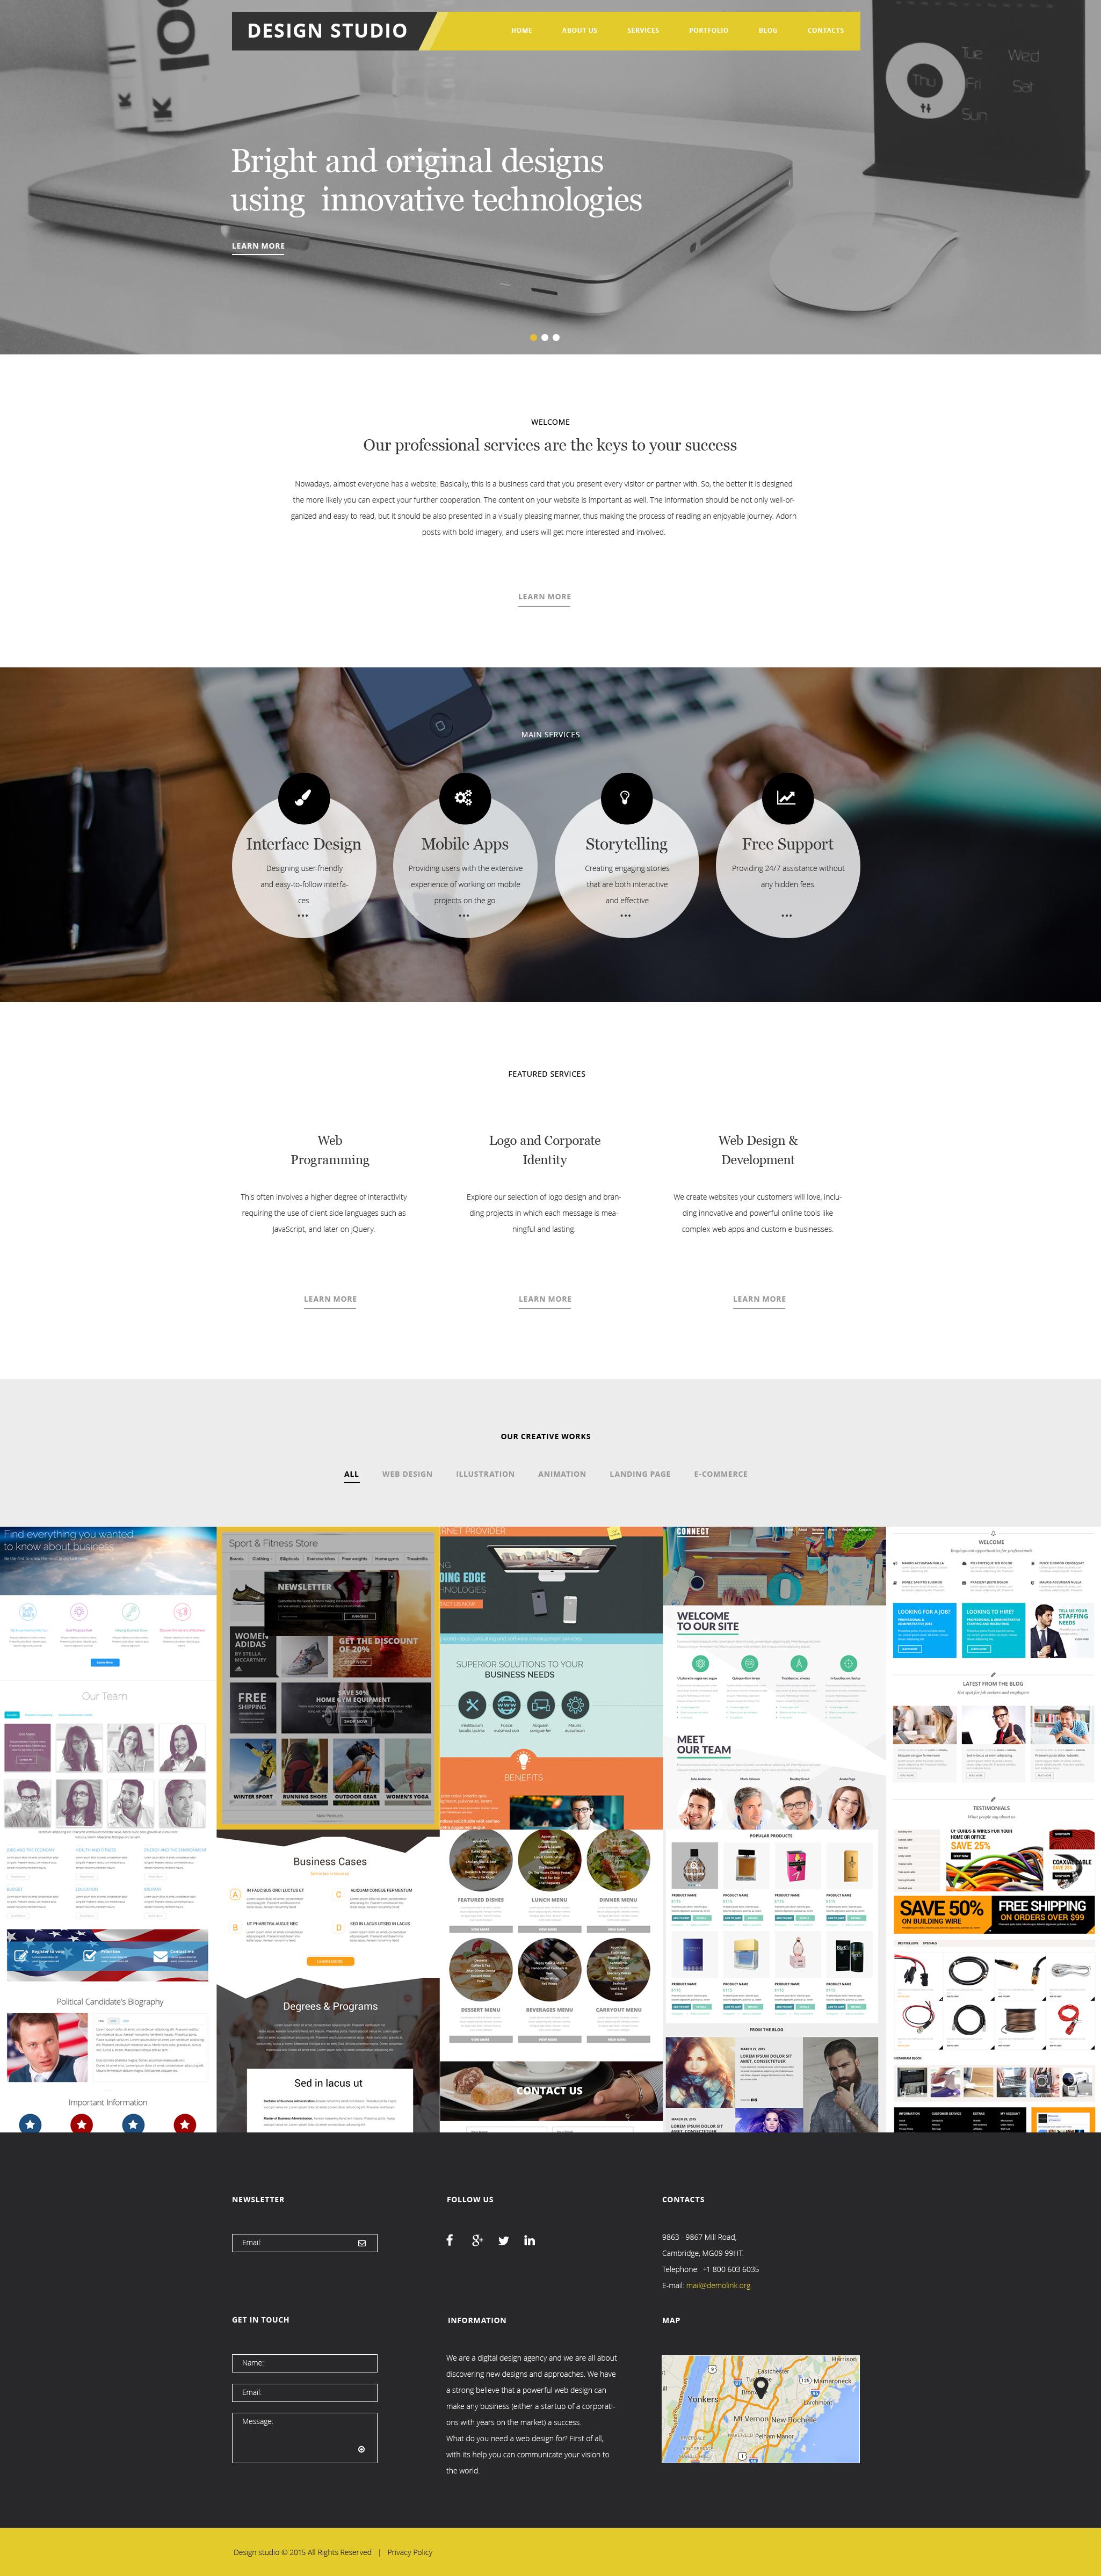 Responsywny motyw WordPress Design Studio #56038 - zrzut ekranu